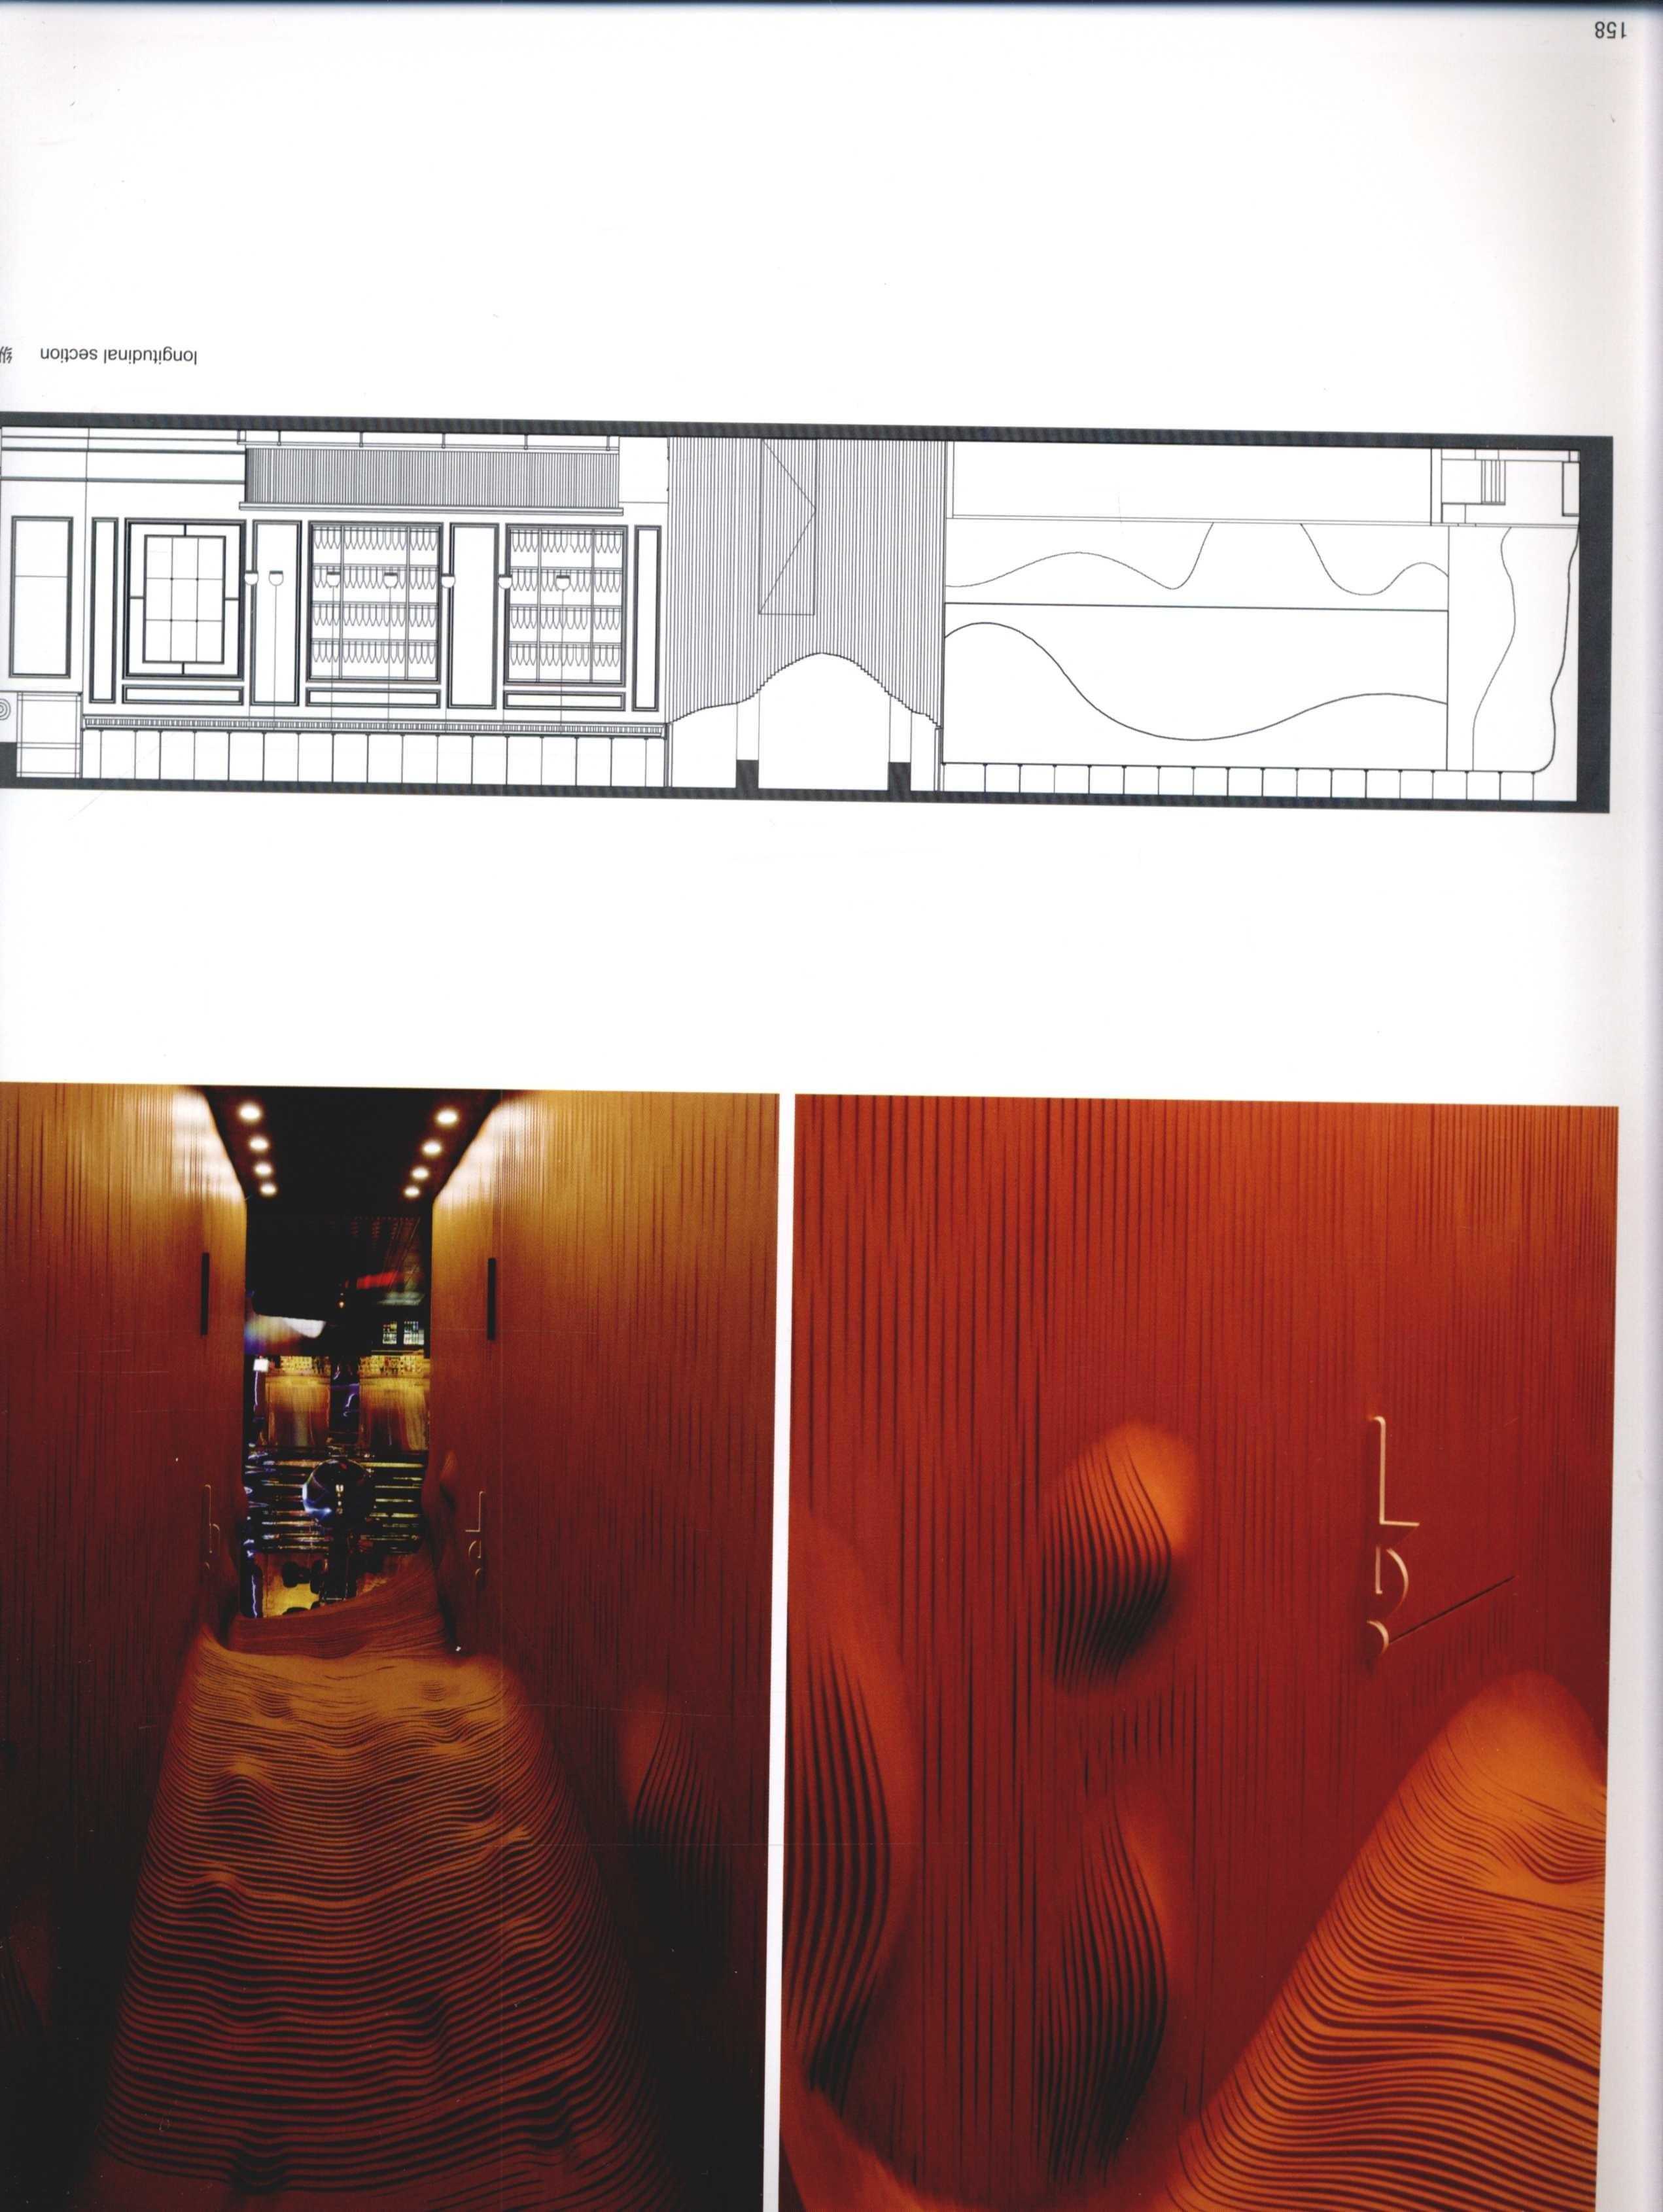 2012全球室内设计年鉴  餐饮_Page_153.jpg